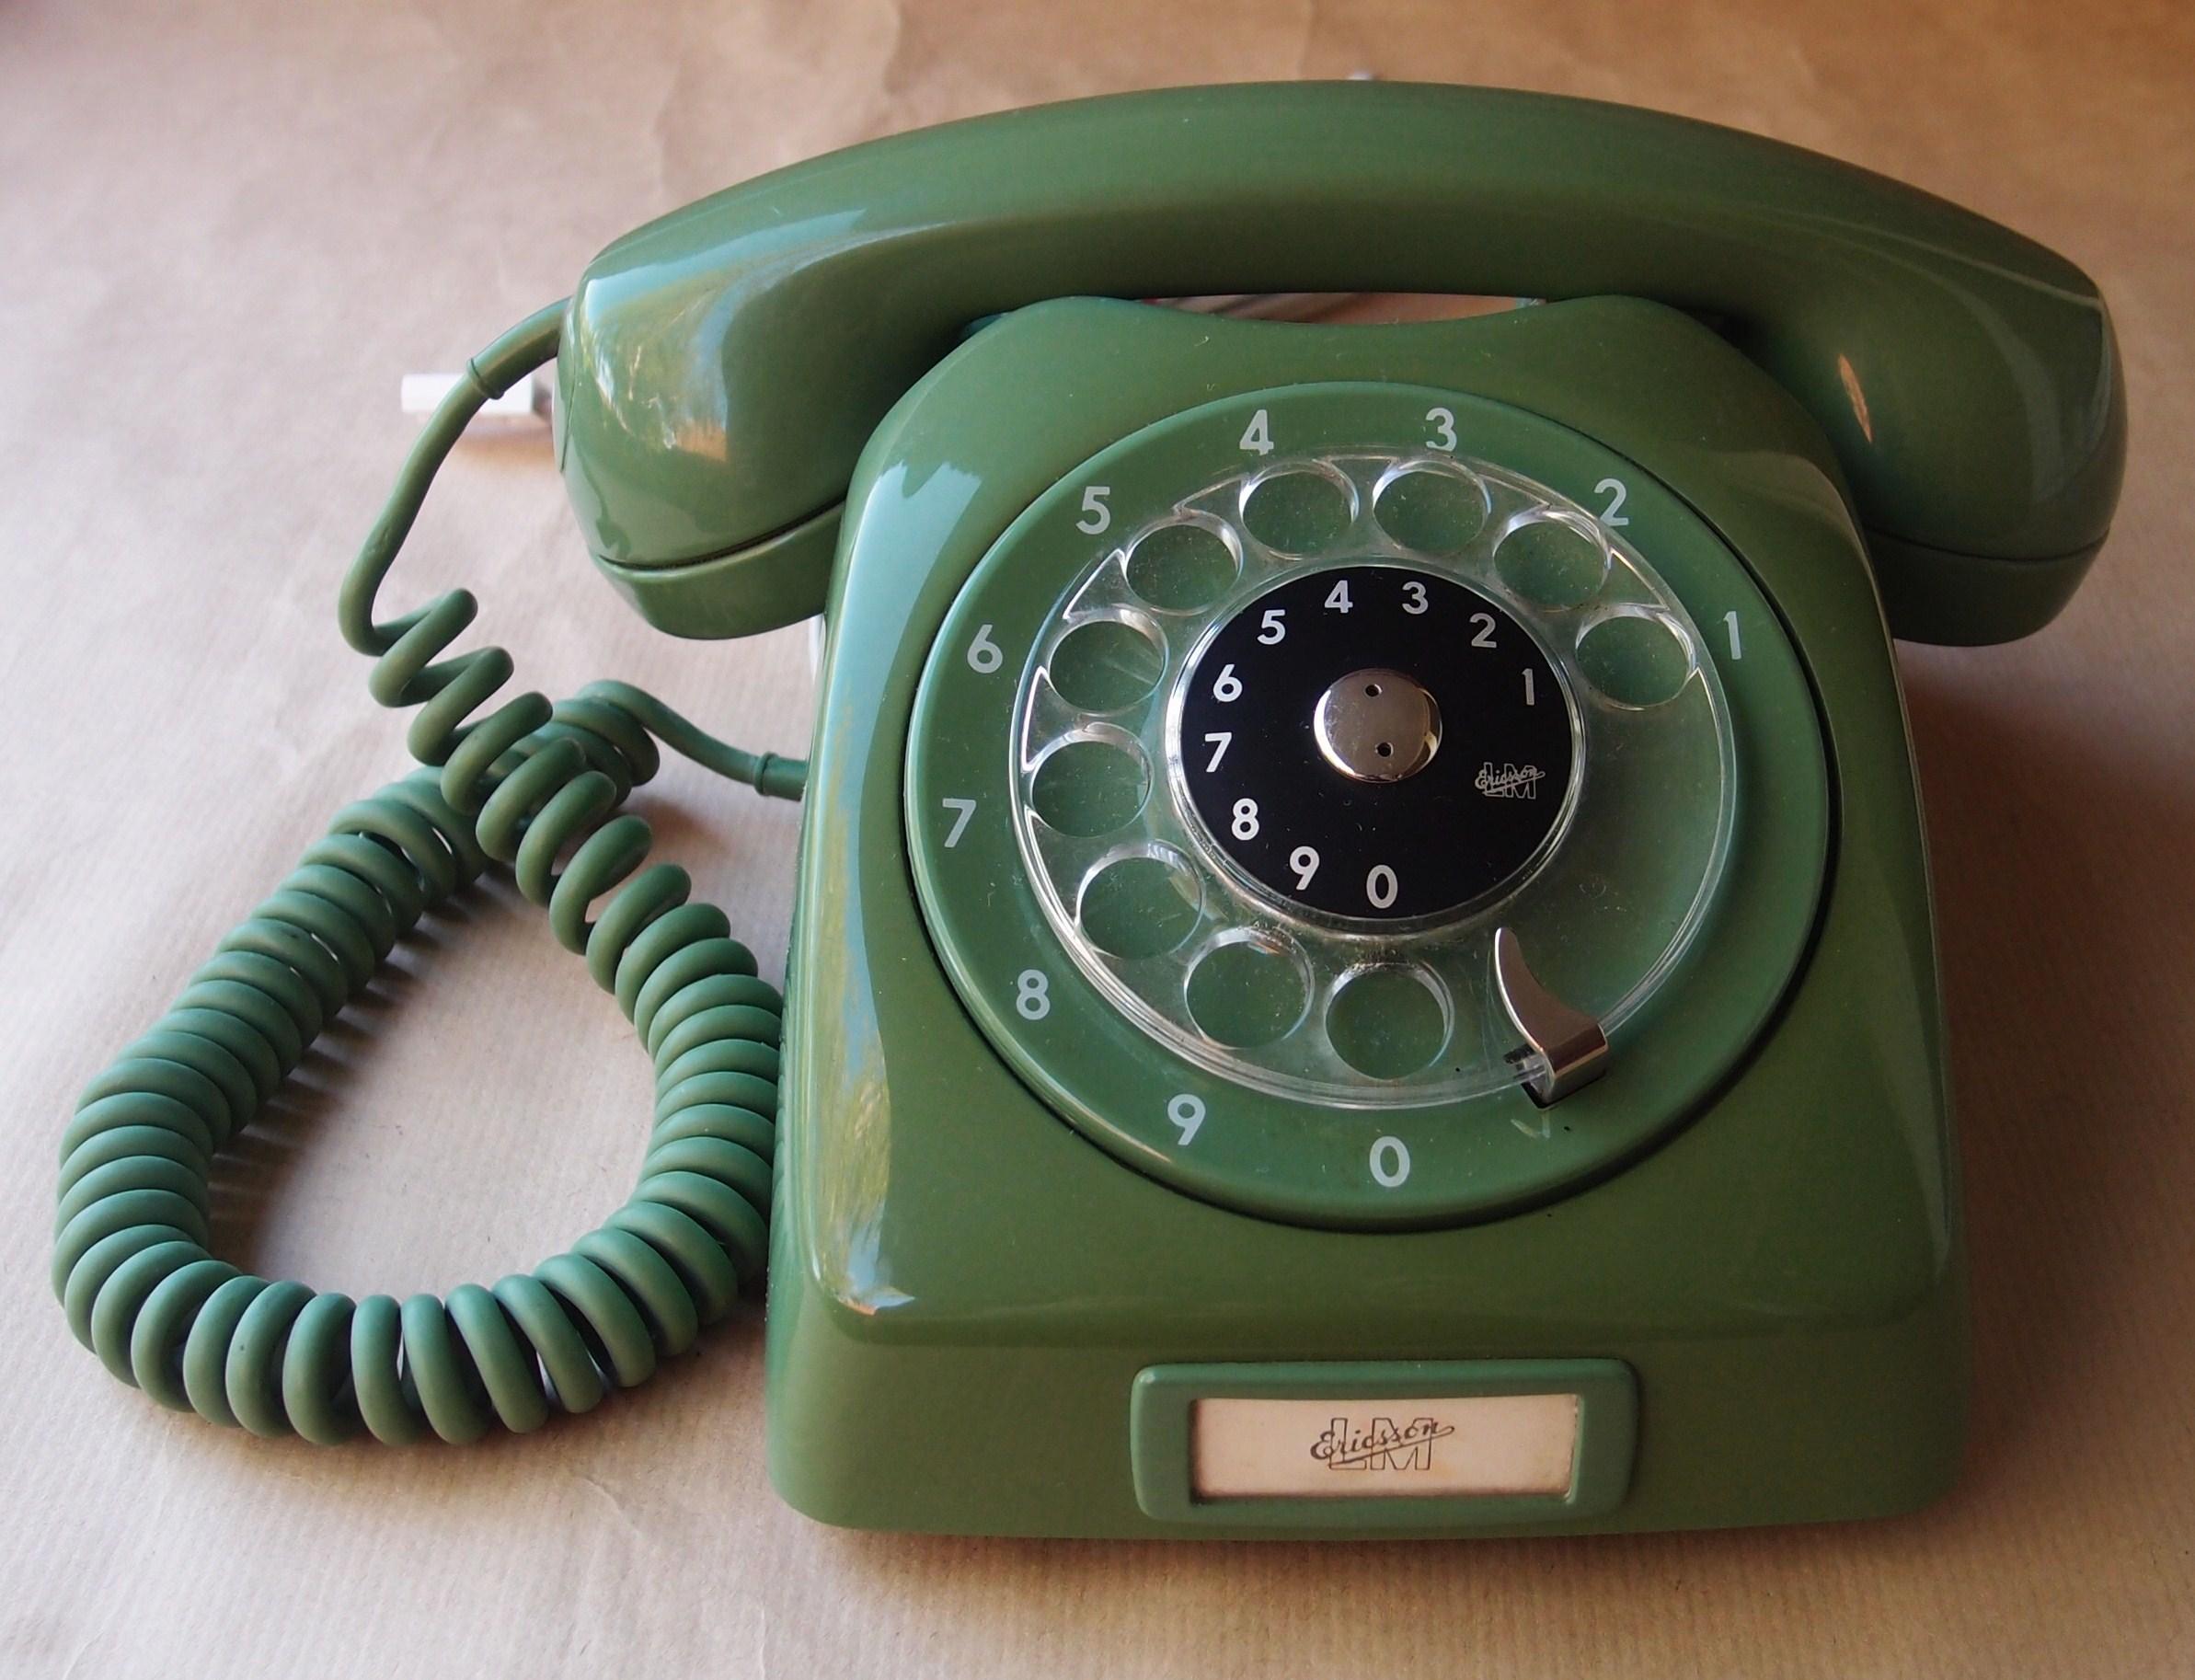 VoIP Versus Landline